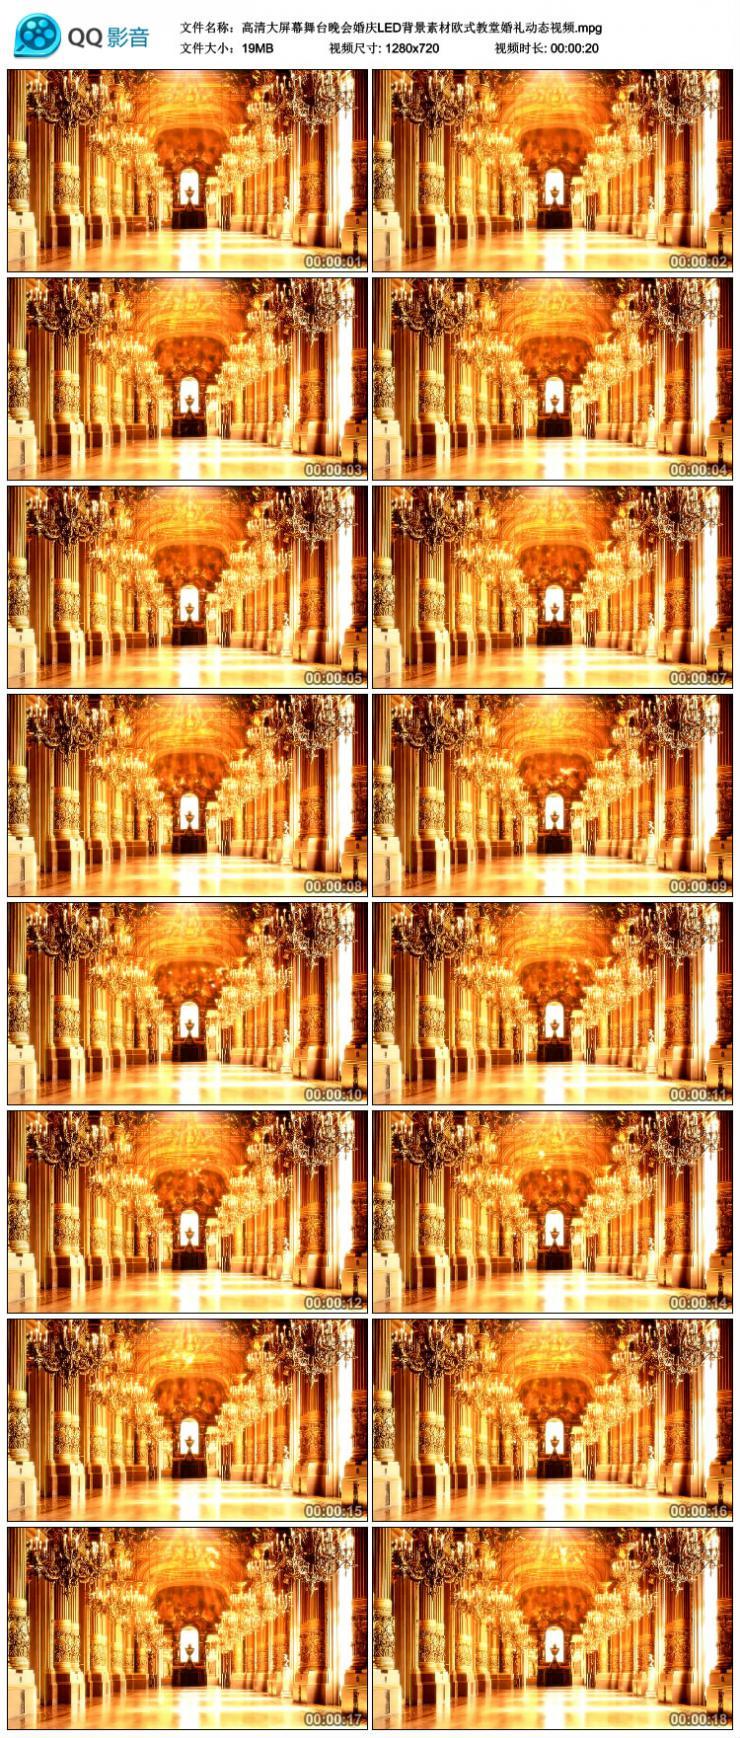 高清大屏幕舞台晚会婚庆LED背景素材欧式教堂婚礼动态视频